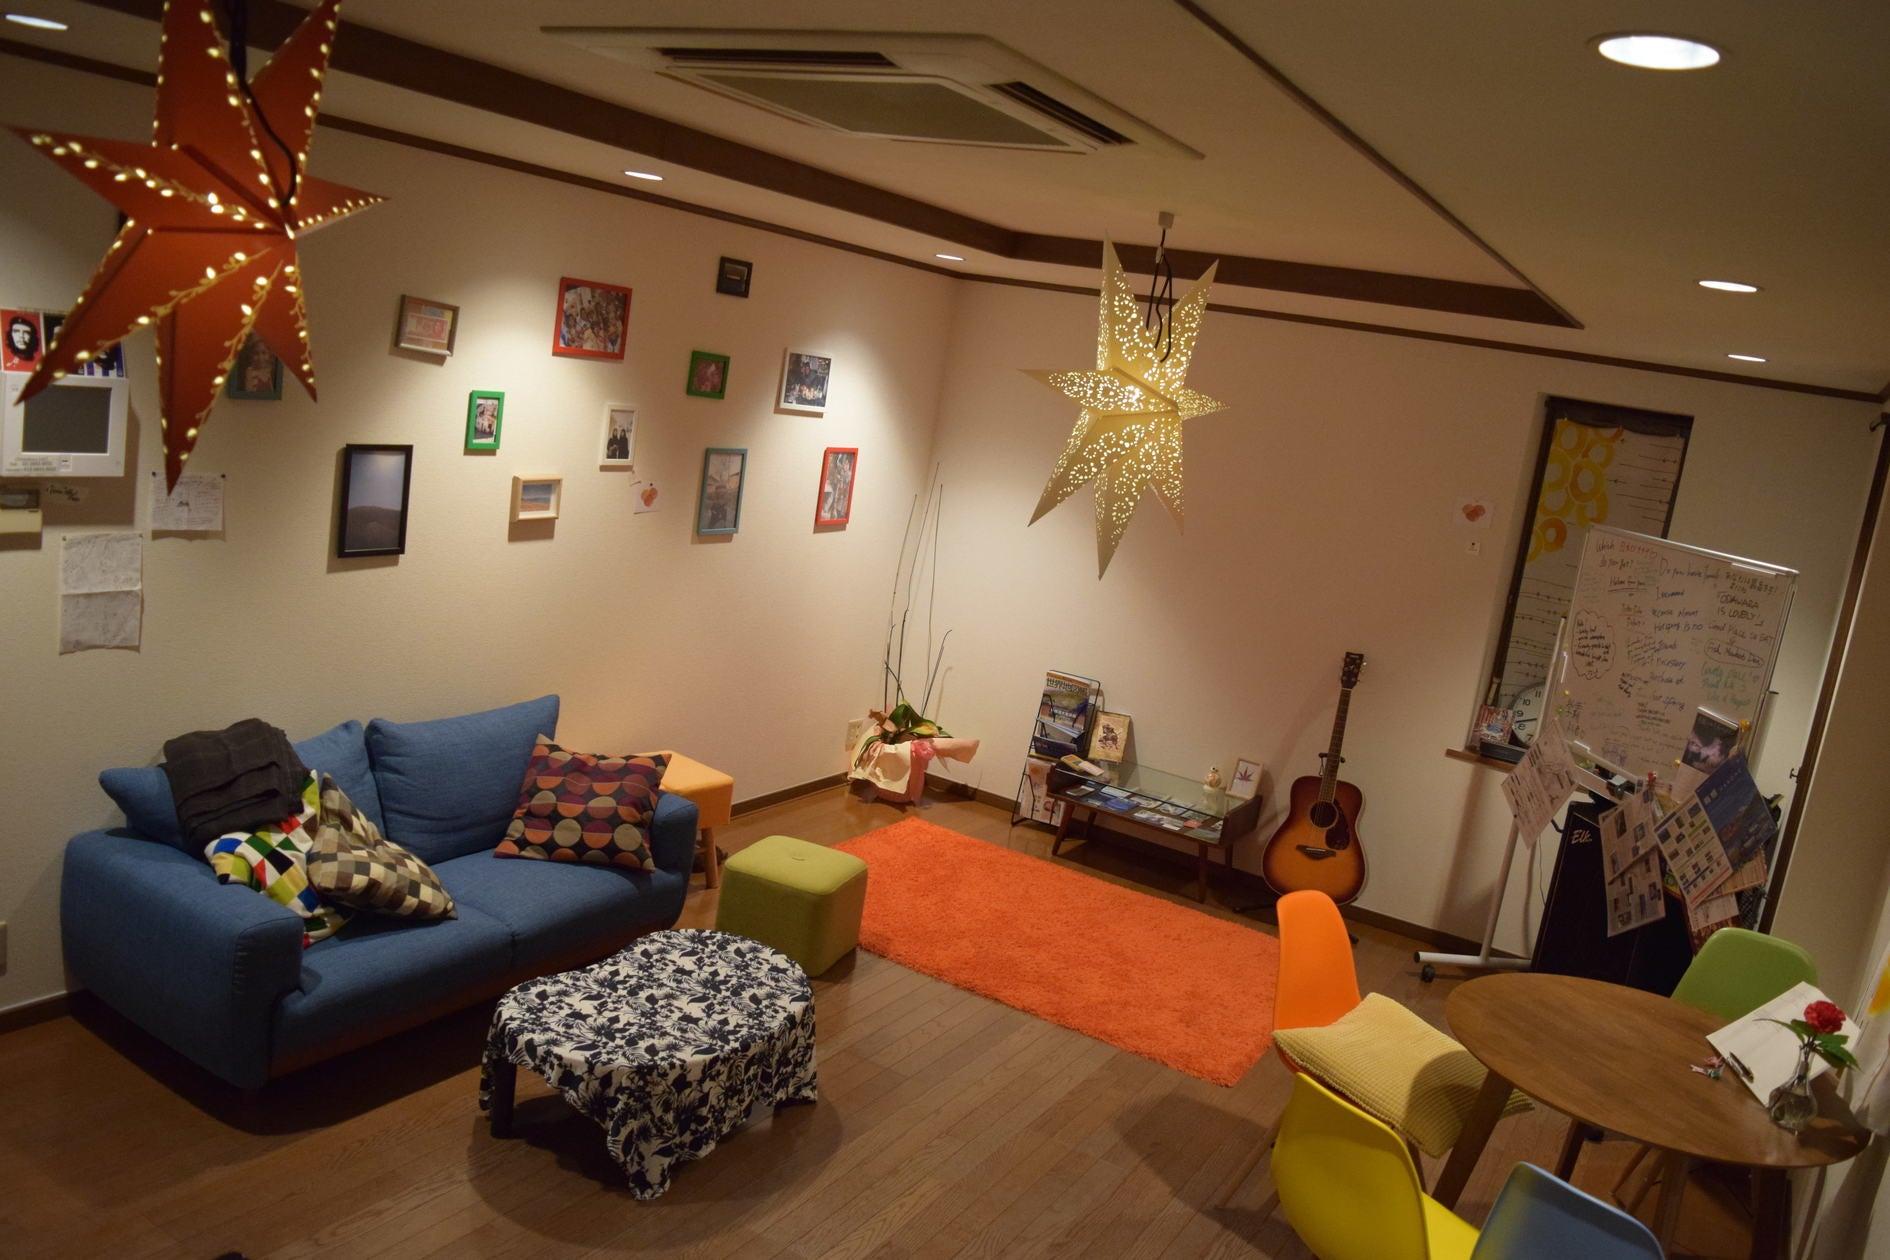 みんなのスペース Tsuu(Guest House Tsuu) の写真0